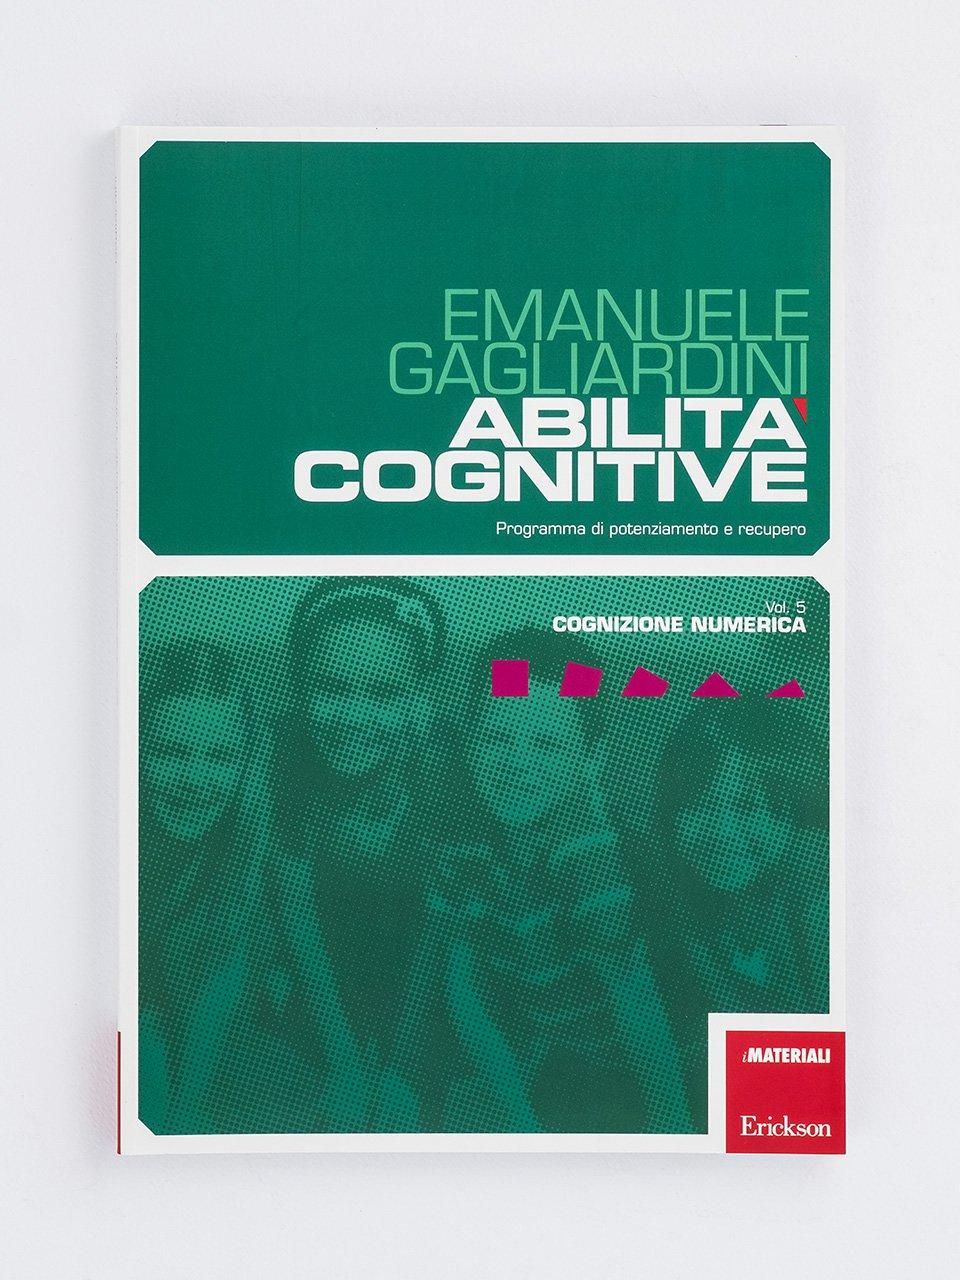 Abilità cognitive - Vol. 5: Cognizione numerica - Verifiche personalizzate - Classe prima - Libri - Erickson